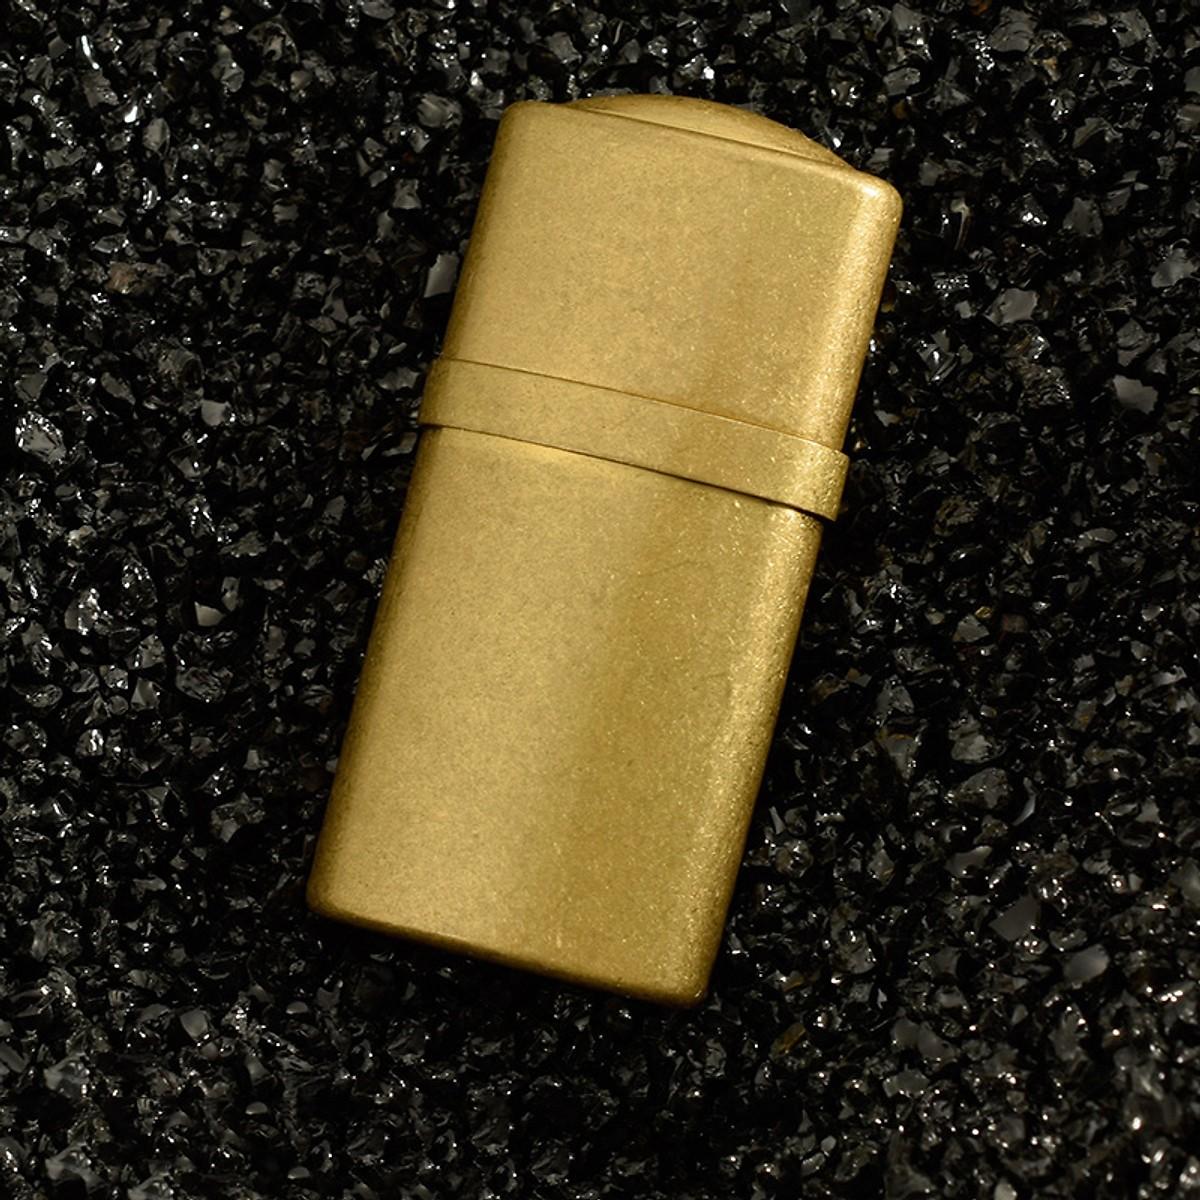 Hột Quẹt Bật Lửa Xăng Đá Z521 Bằng Đồng Nguyên Chất Cao Cấp